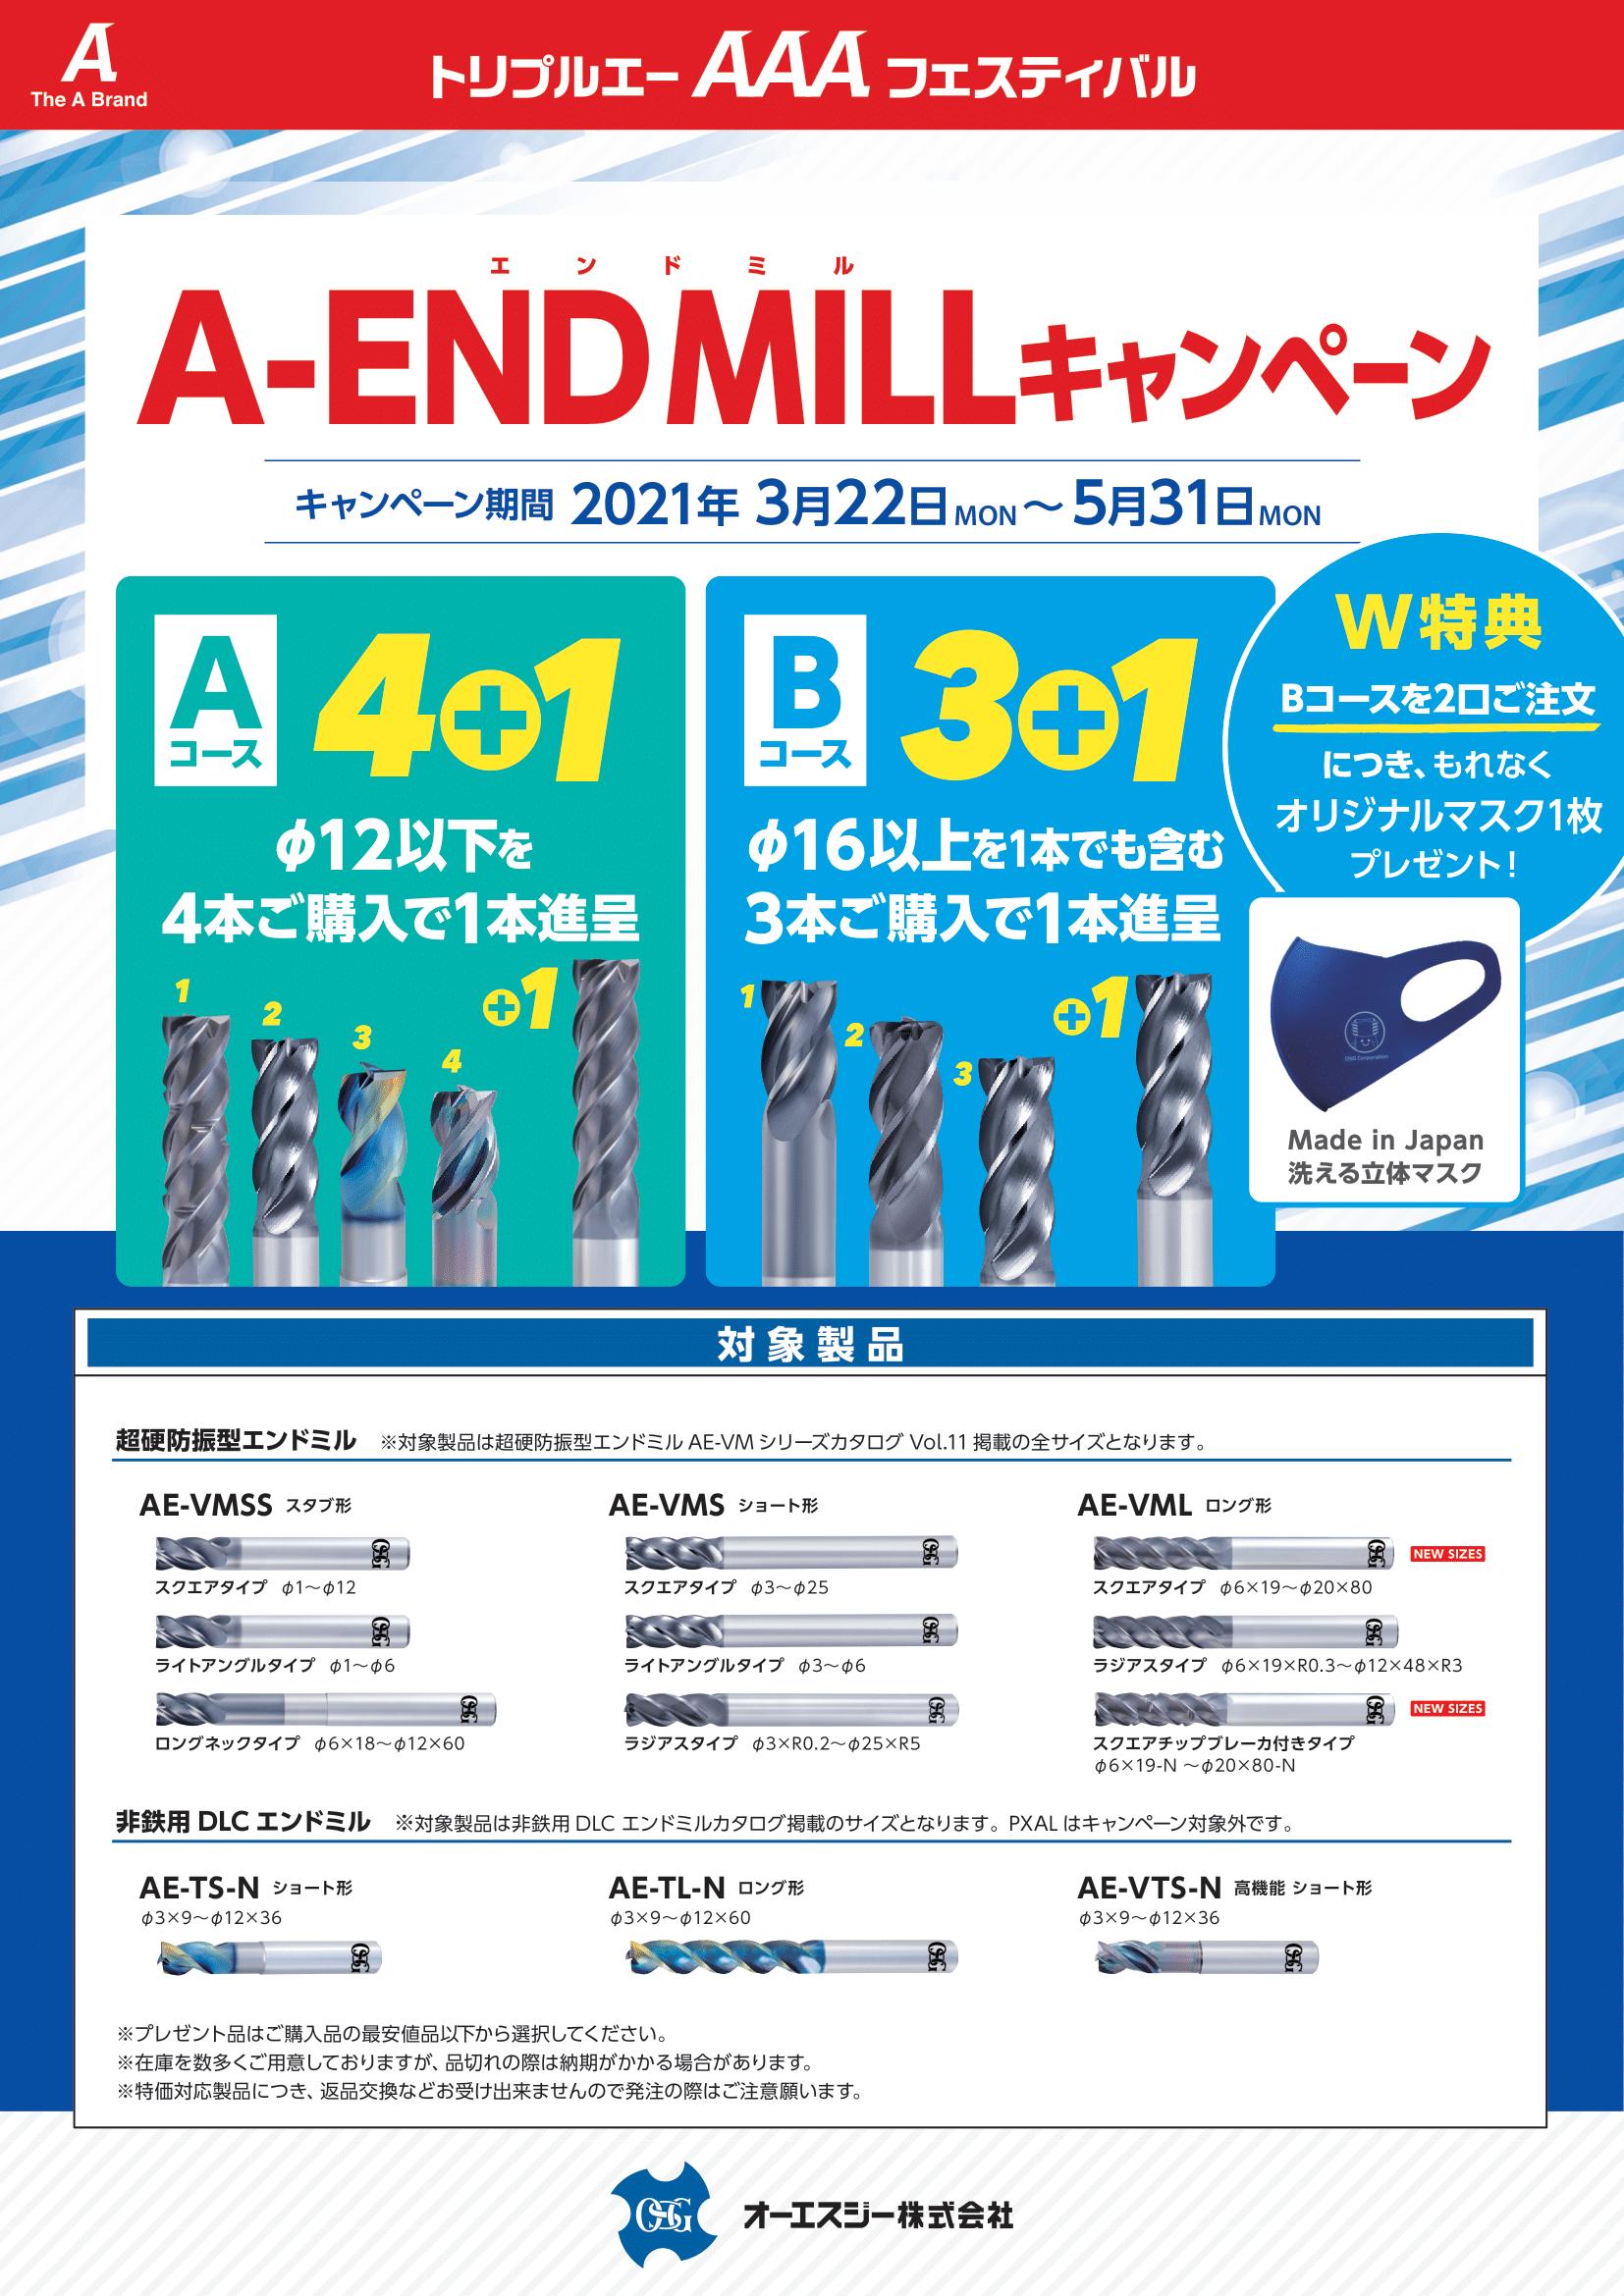 F-265_A-ENDMILL_1